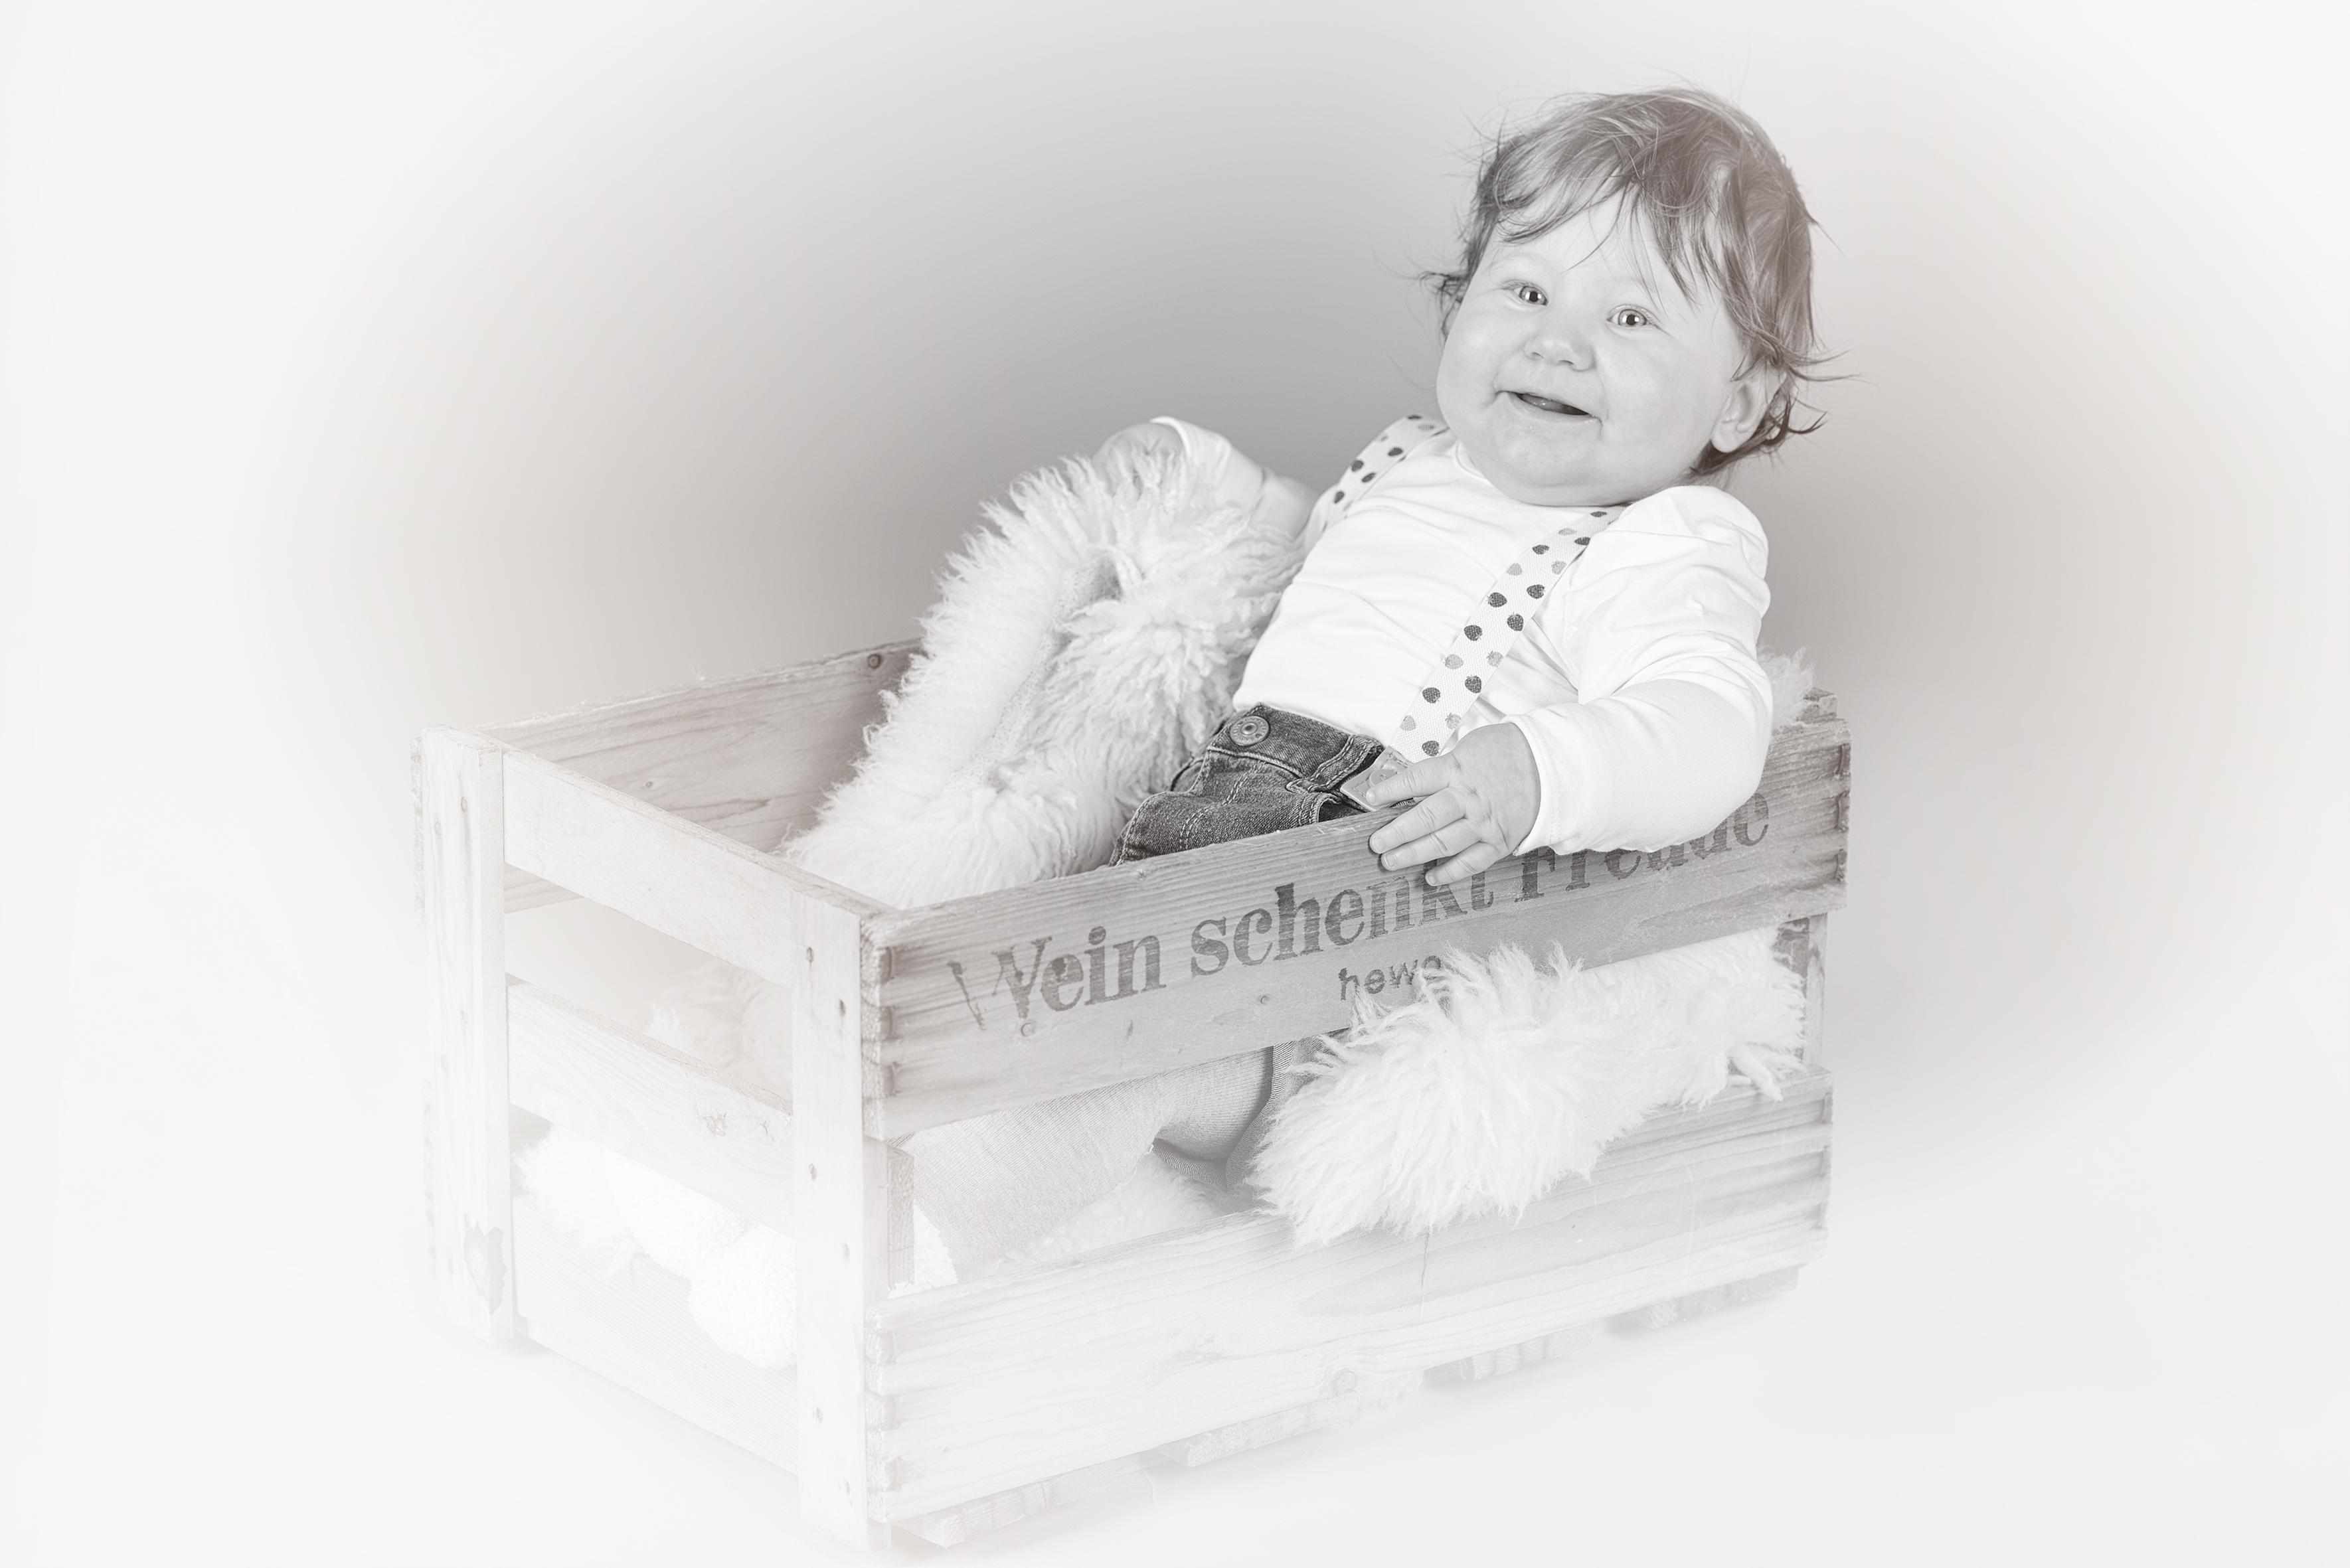 Kinderfotograf Landau